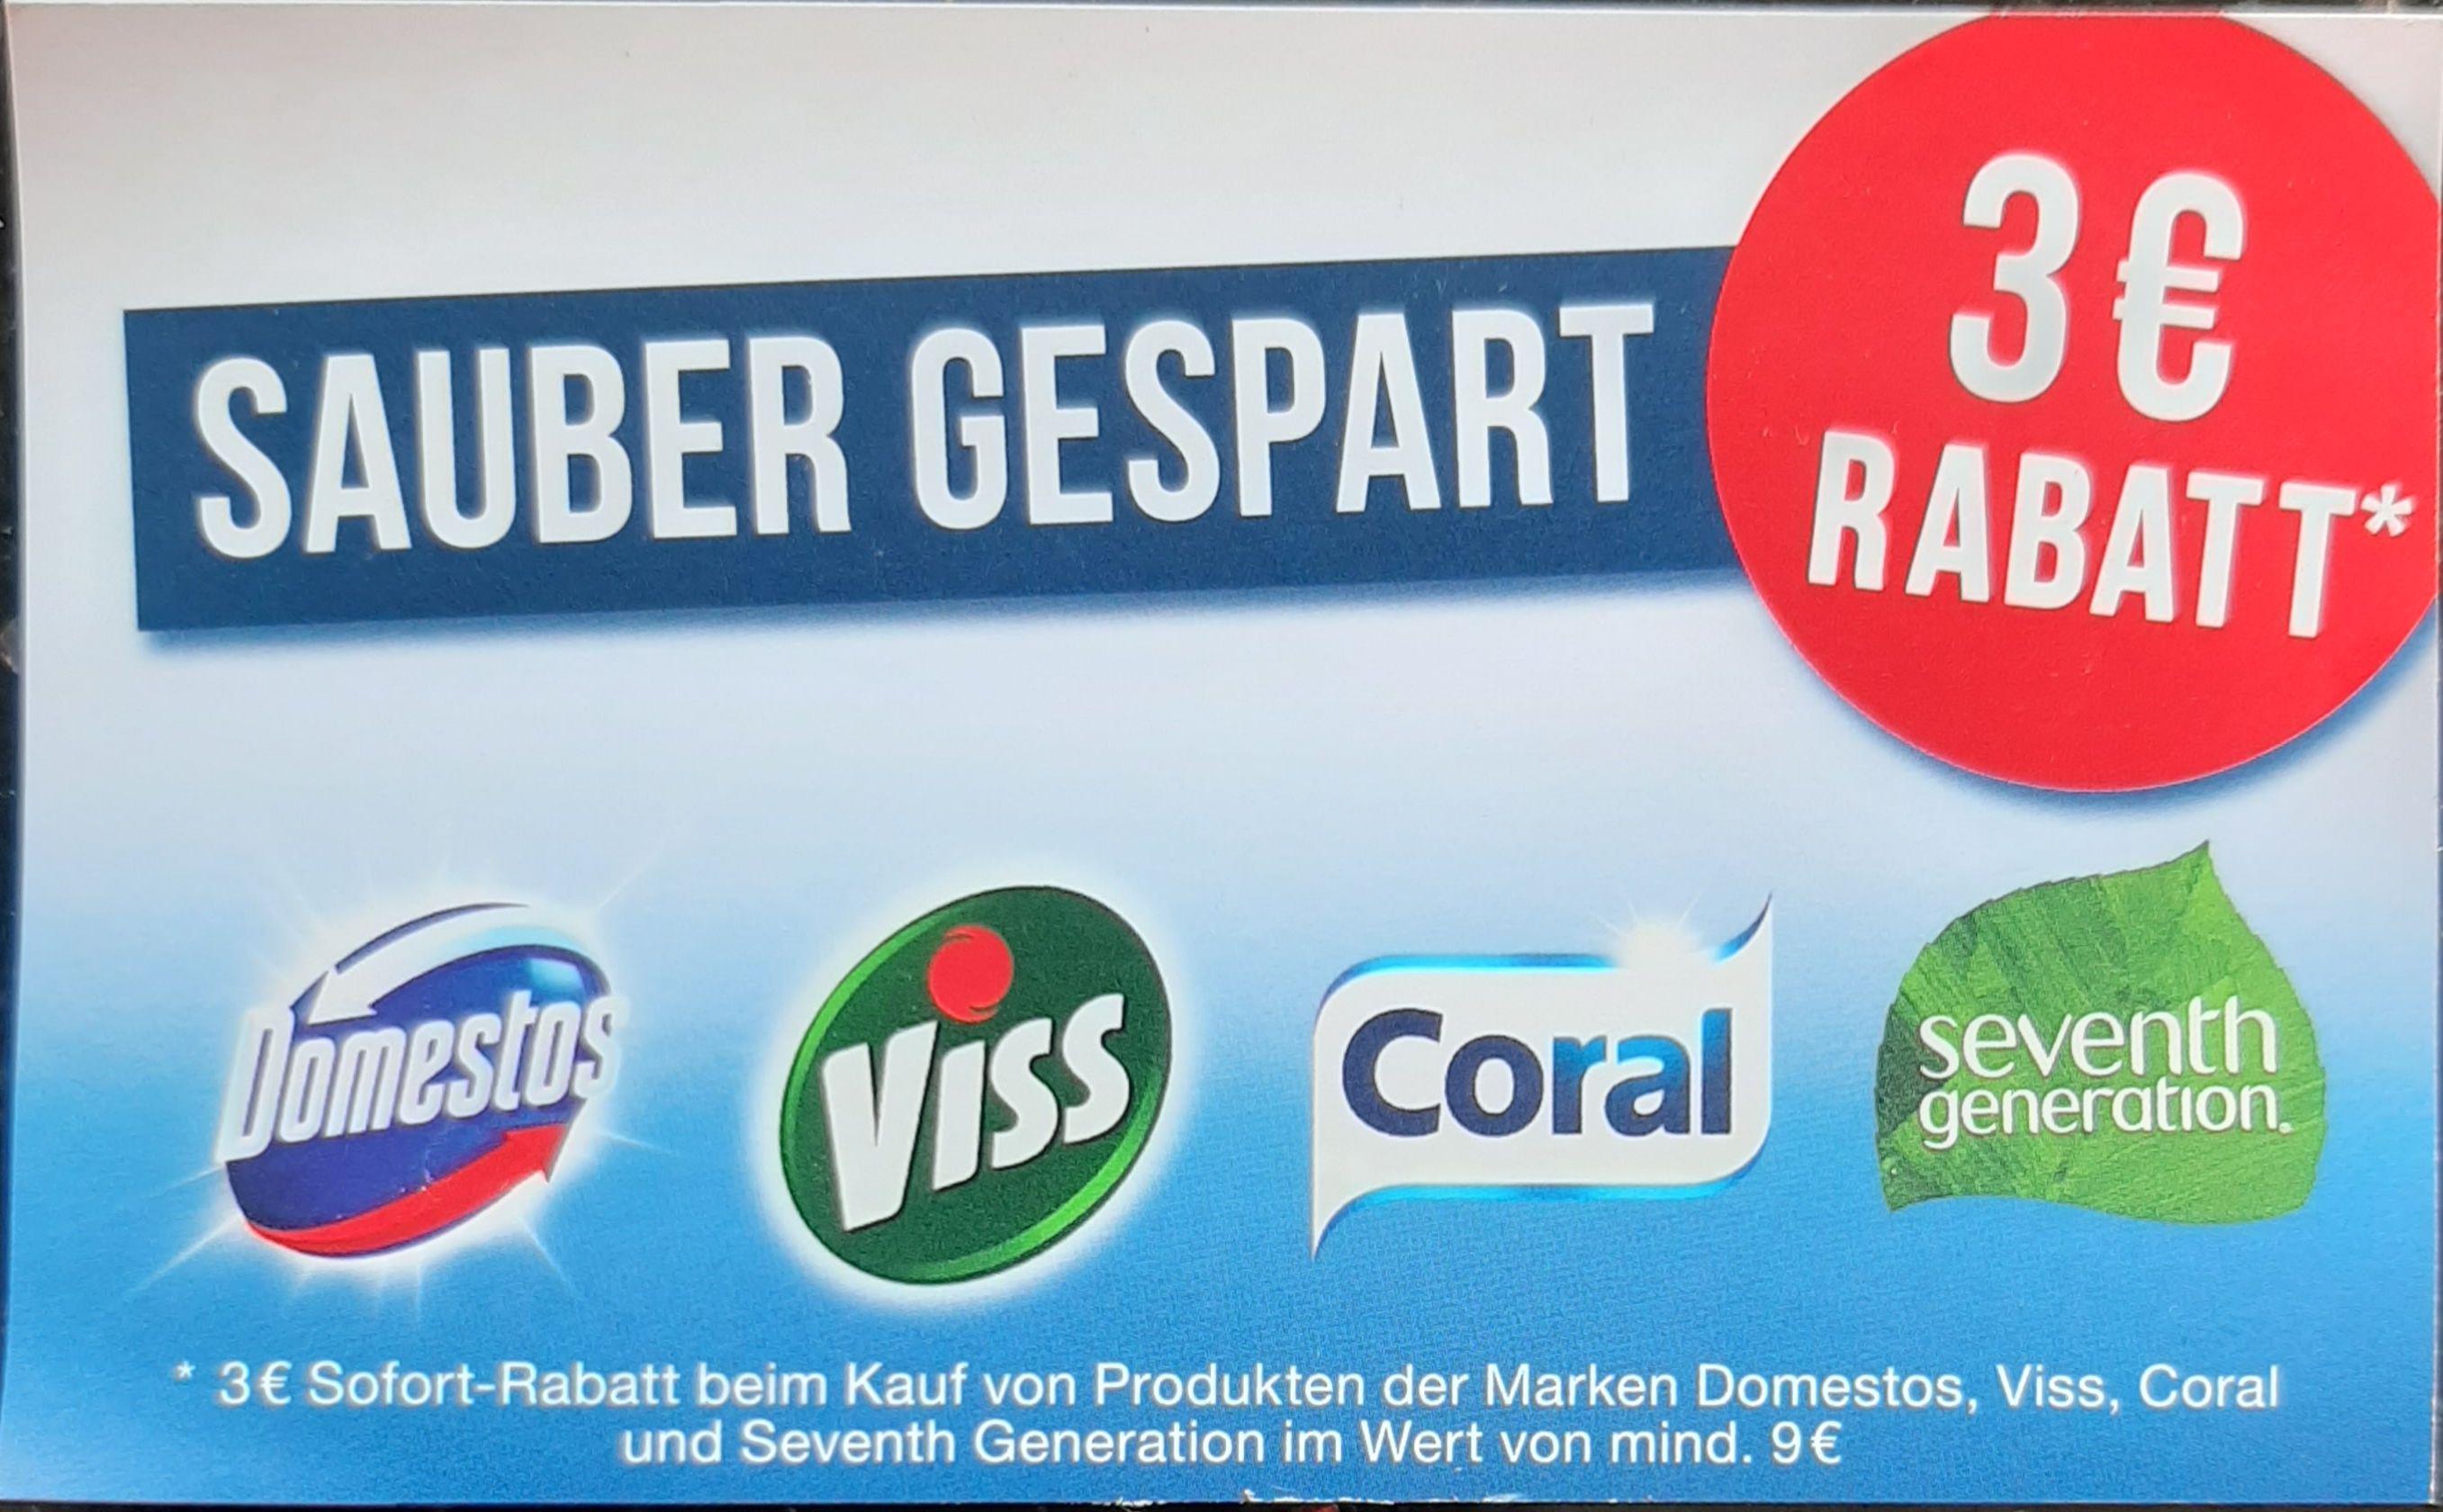 3€ Sofort-Rabatt beim Kauf von Domestos, Viss, Coral und seventh Generation im Wert von mind. 9€